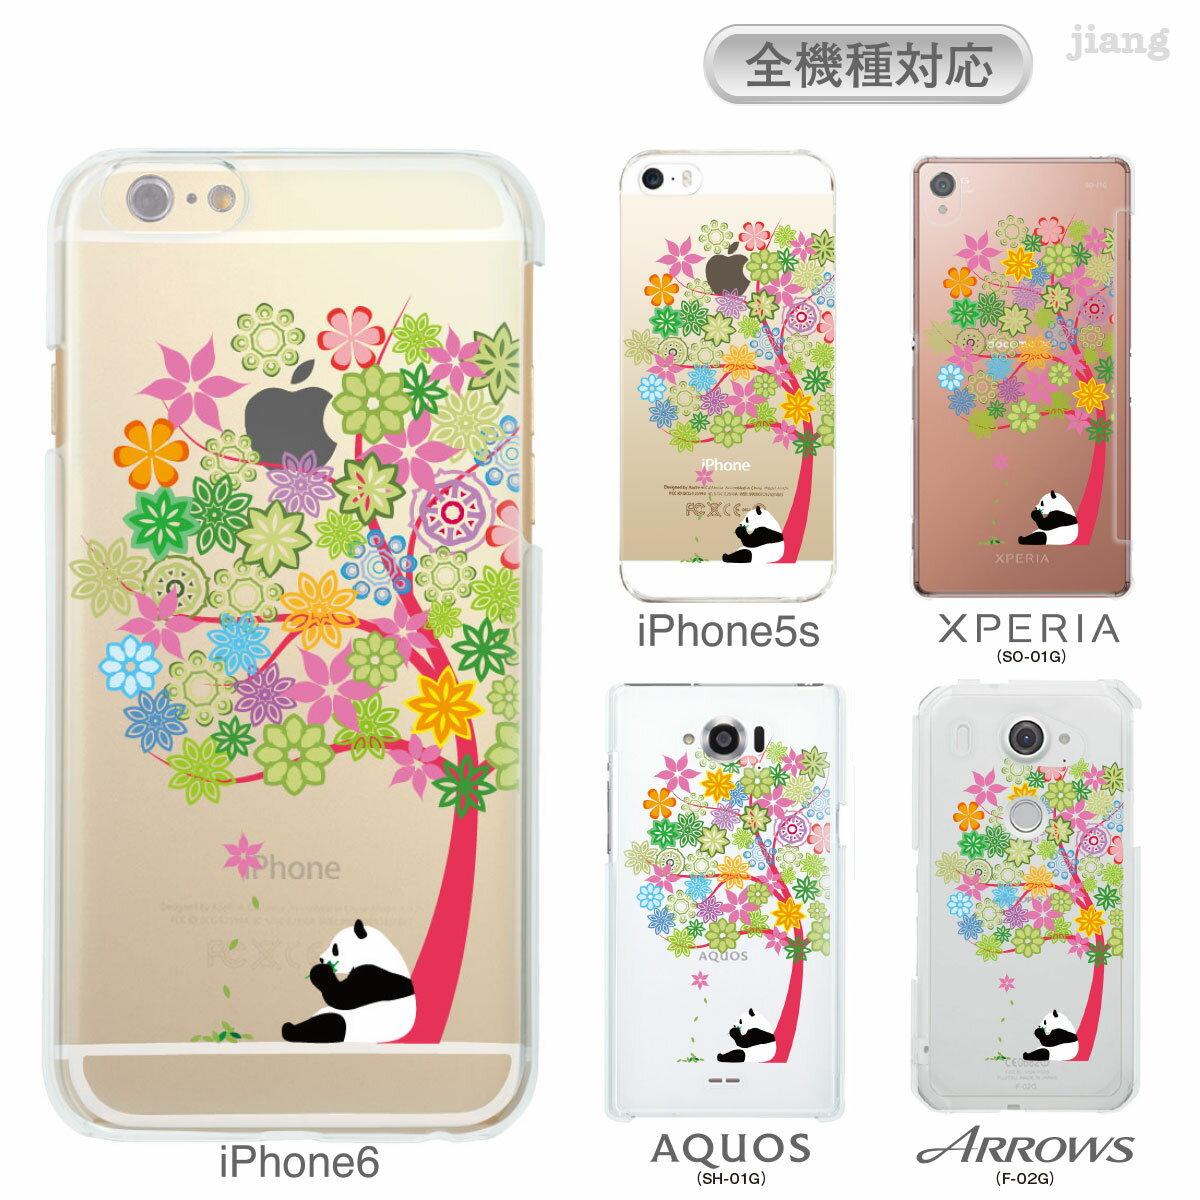 スマホケース 全機種対応 ケース カバー ハードケース クリアケースiPhoneX iPhone8 iPhone7s Plus iPhone7 iPhone6s iPhone6 Plus iPhone SE 5s Xperia XZ1 SO-01K SO-02K XZ so-04j XZs so-03j aquos R SH-01K SHV41 22-zen-ca0140